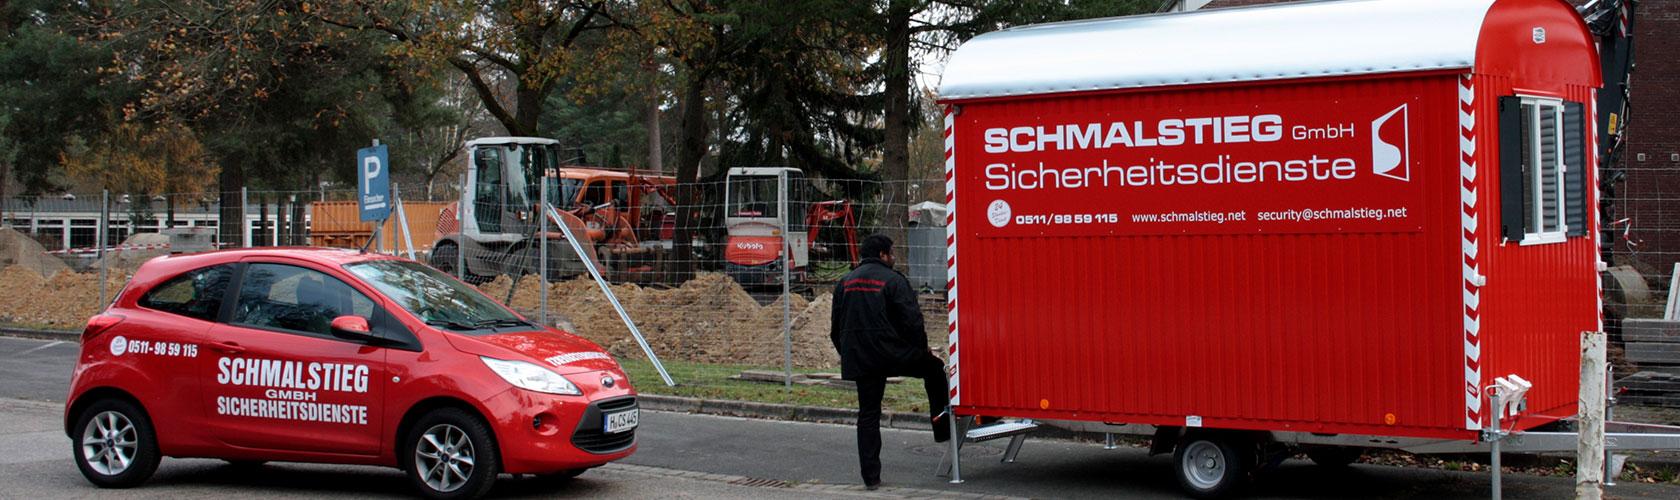 Inhaltsbild Baustellenbewachung Security Bauwagen und Einsatzfahrzeug in Hannover am Objekt